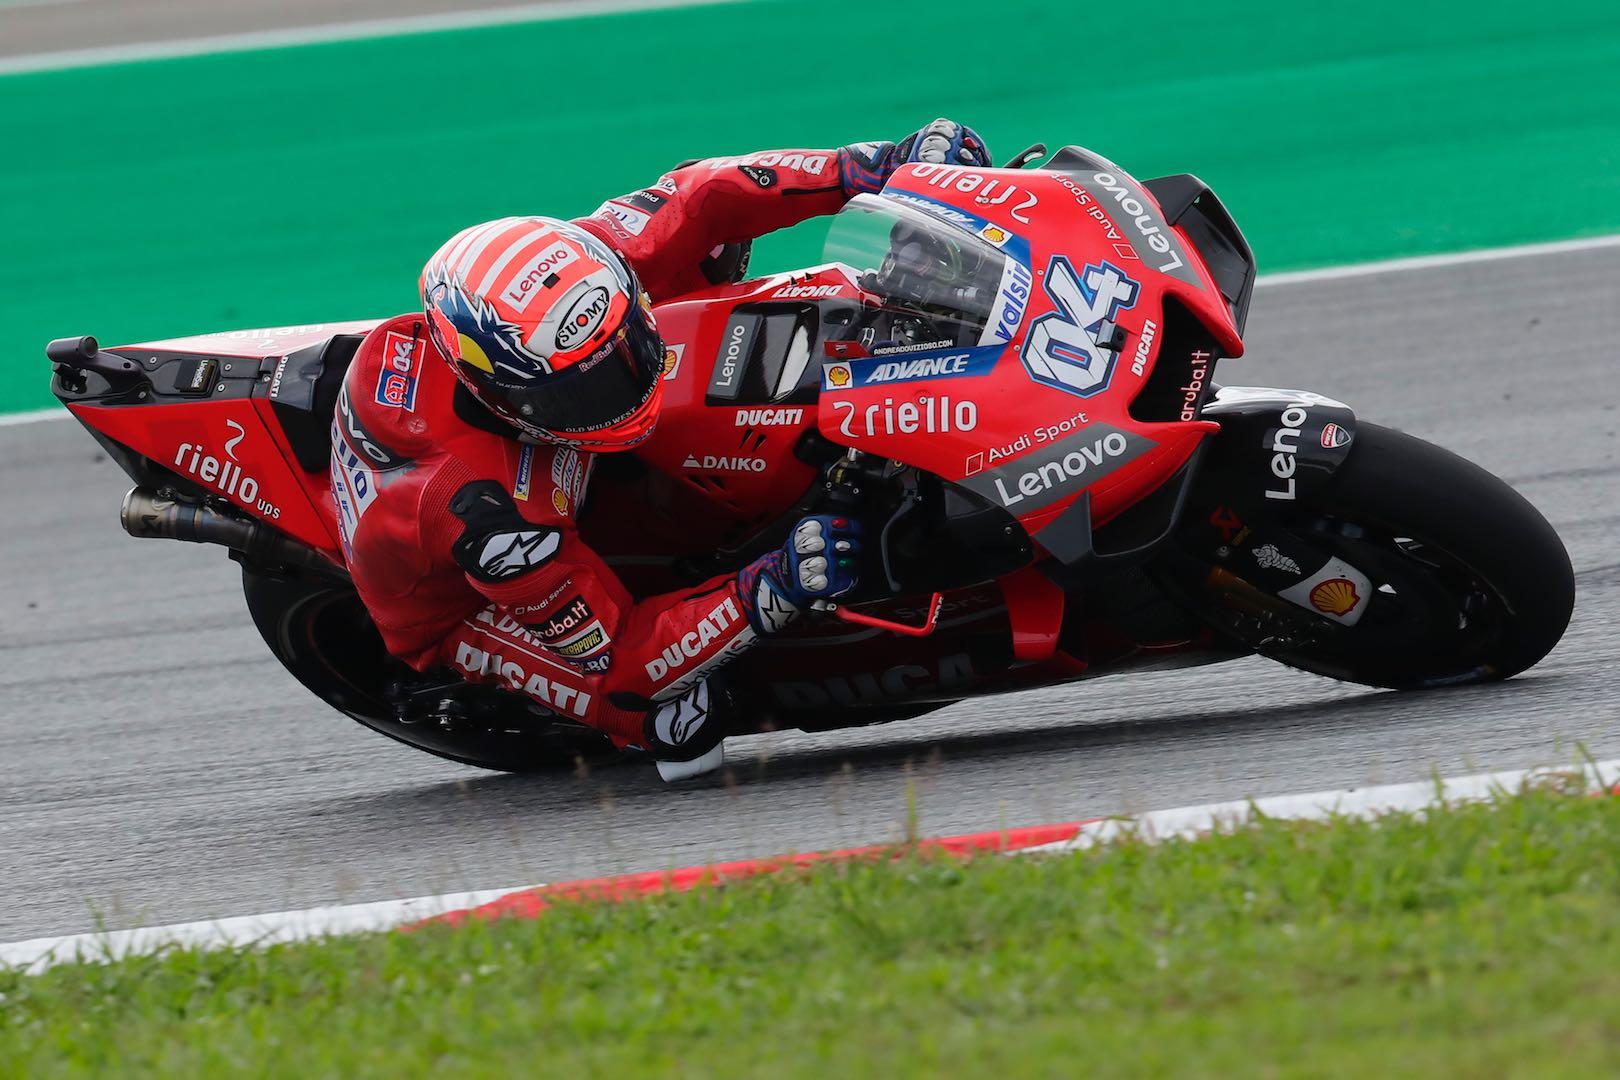 2019 Sepang MotoGP Ducati Andrea Dovizioso